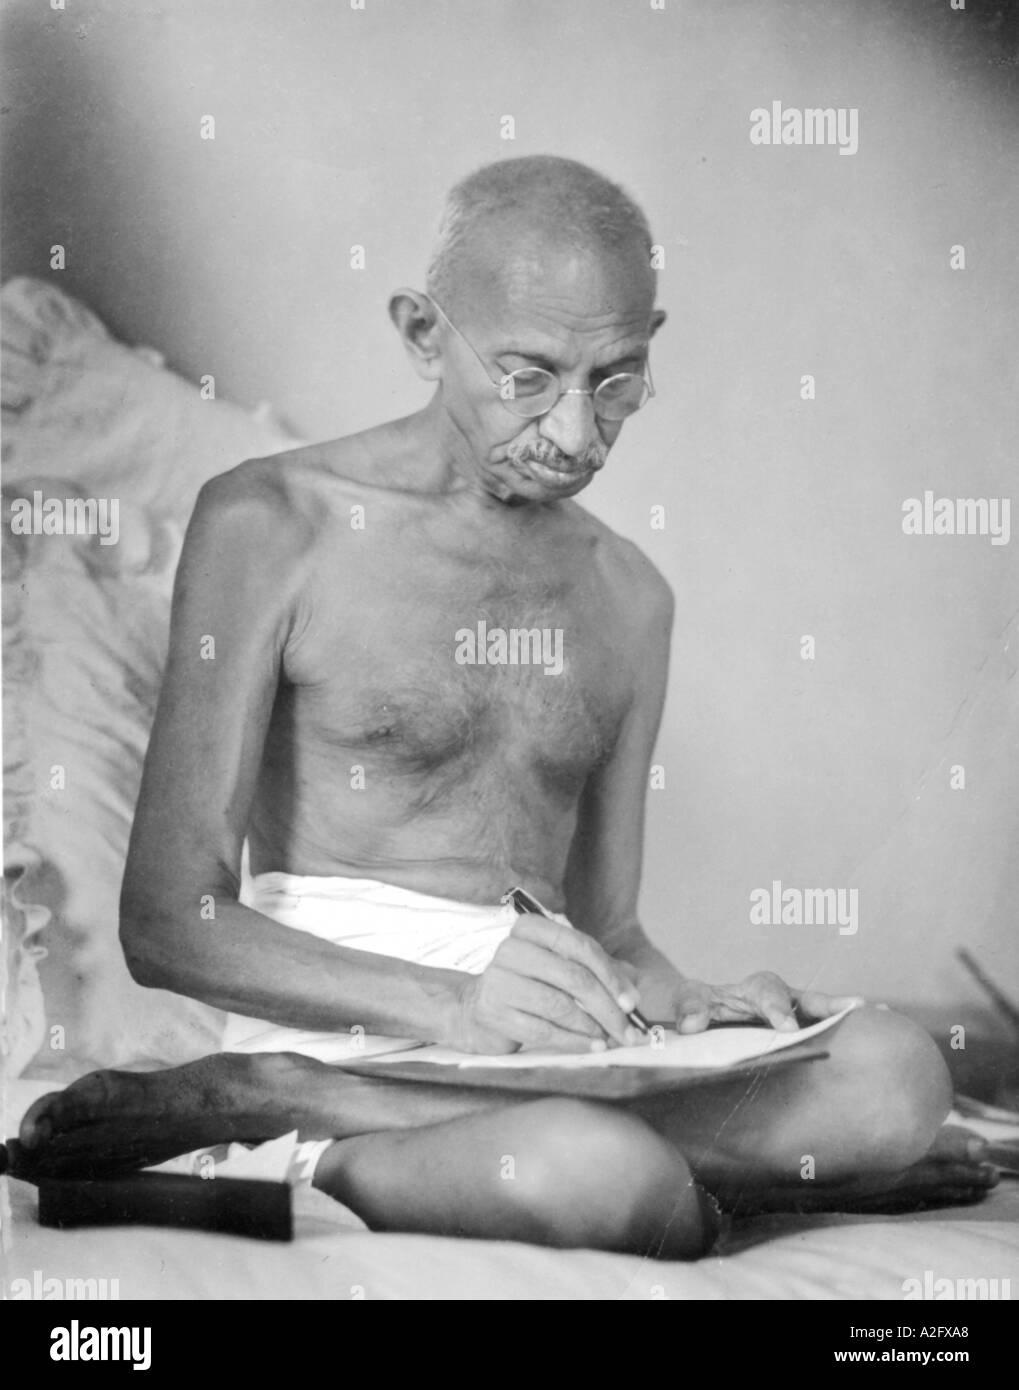 MKG33080 Mahatma Gandhi le bozze di scrivere un documento storico a Birla House Mumbai Bombay in India, Agosto 1942 Foto Stock